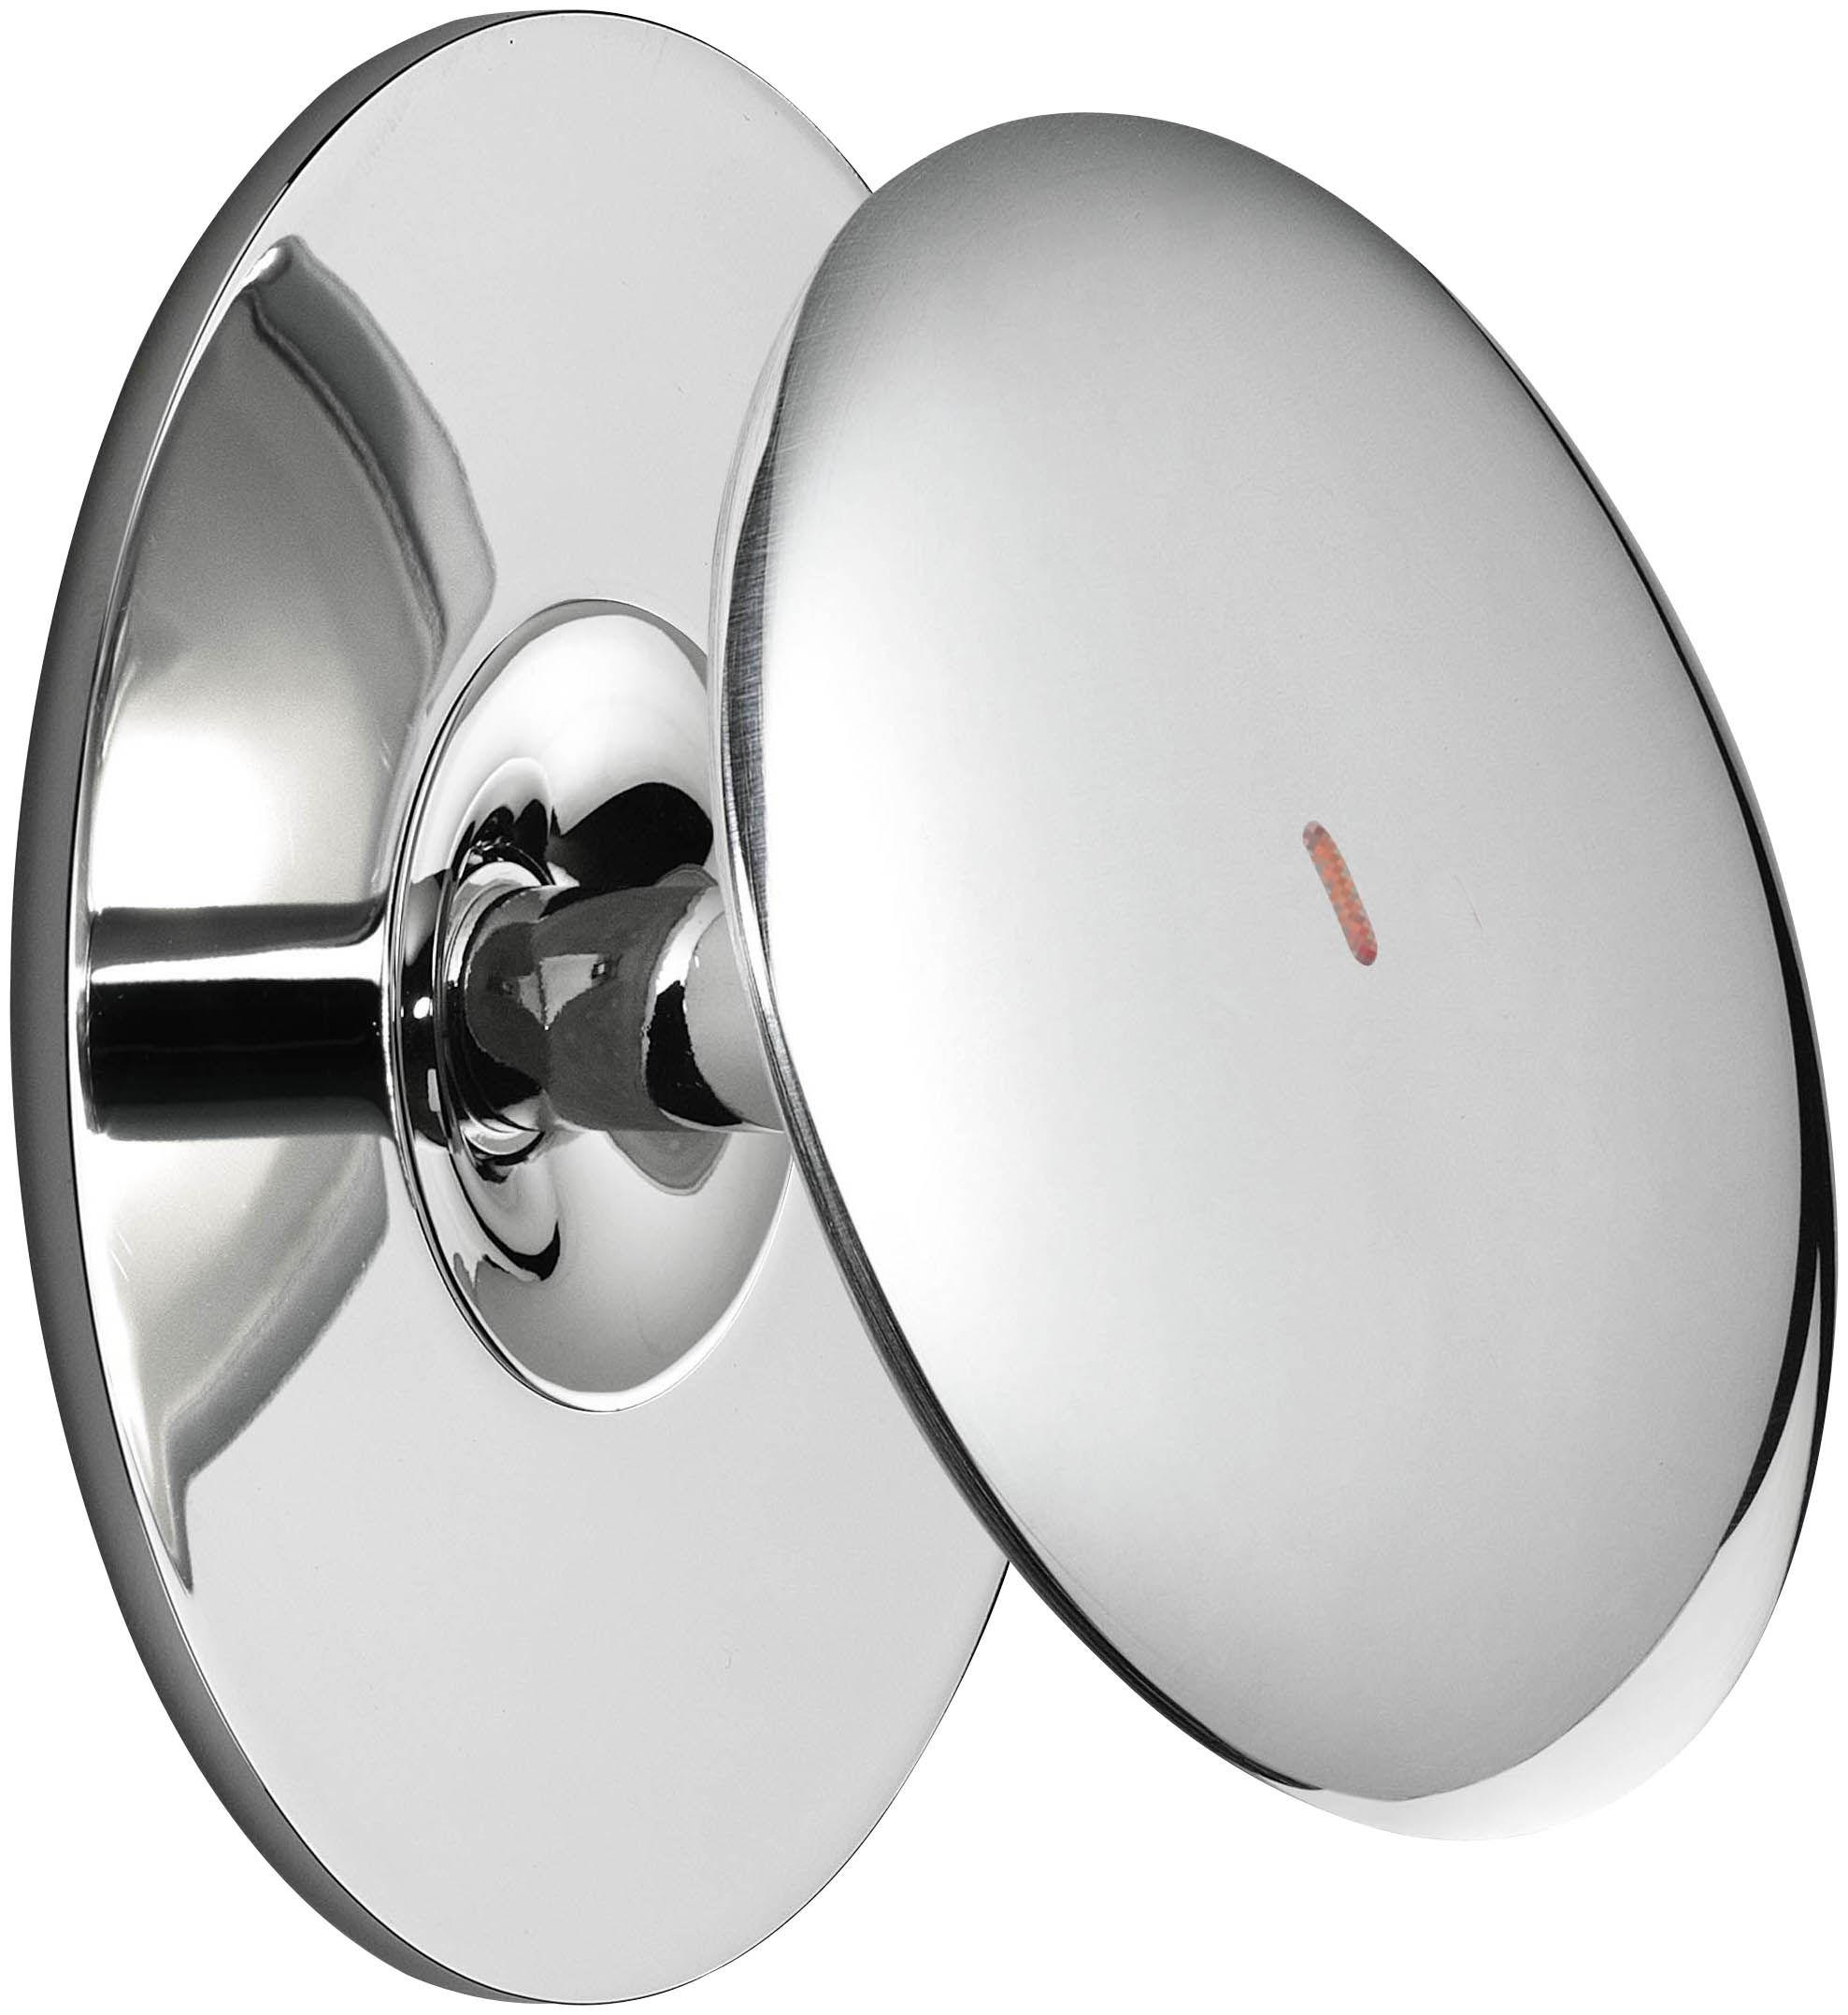 Leuchten - Wandleuchten - Back 1 LED Wandleuchte / Ø 10,3 cm - Touch-Schalter - Flos - Mit Schalter / verchromt - Aluminium moulé sous pression, Methacrylate